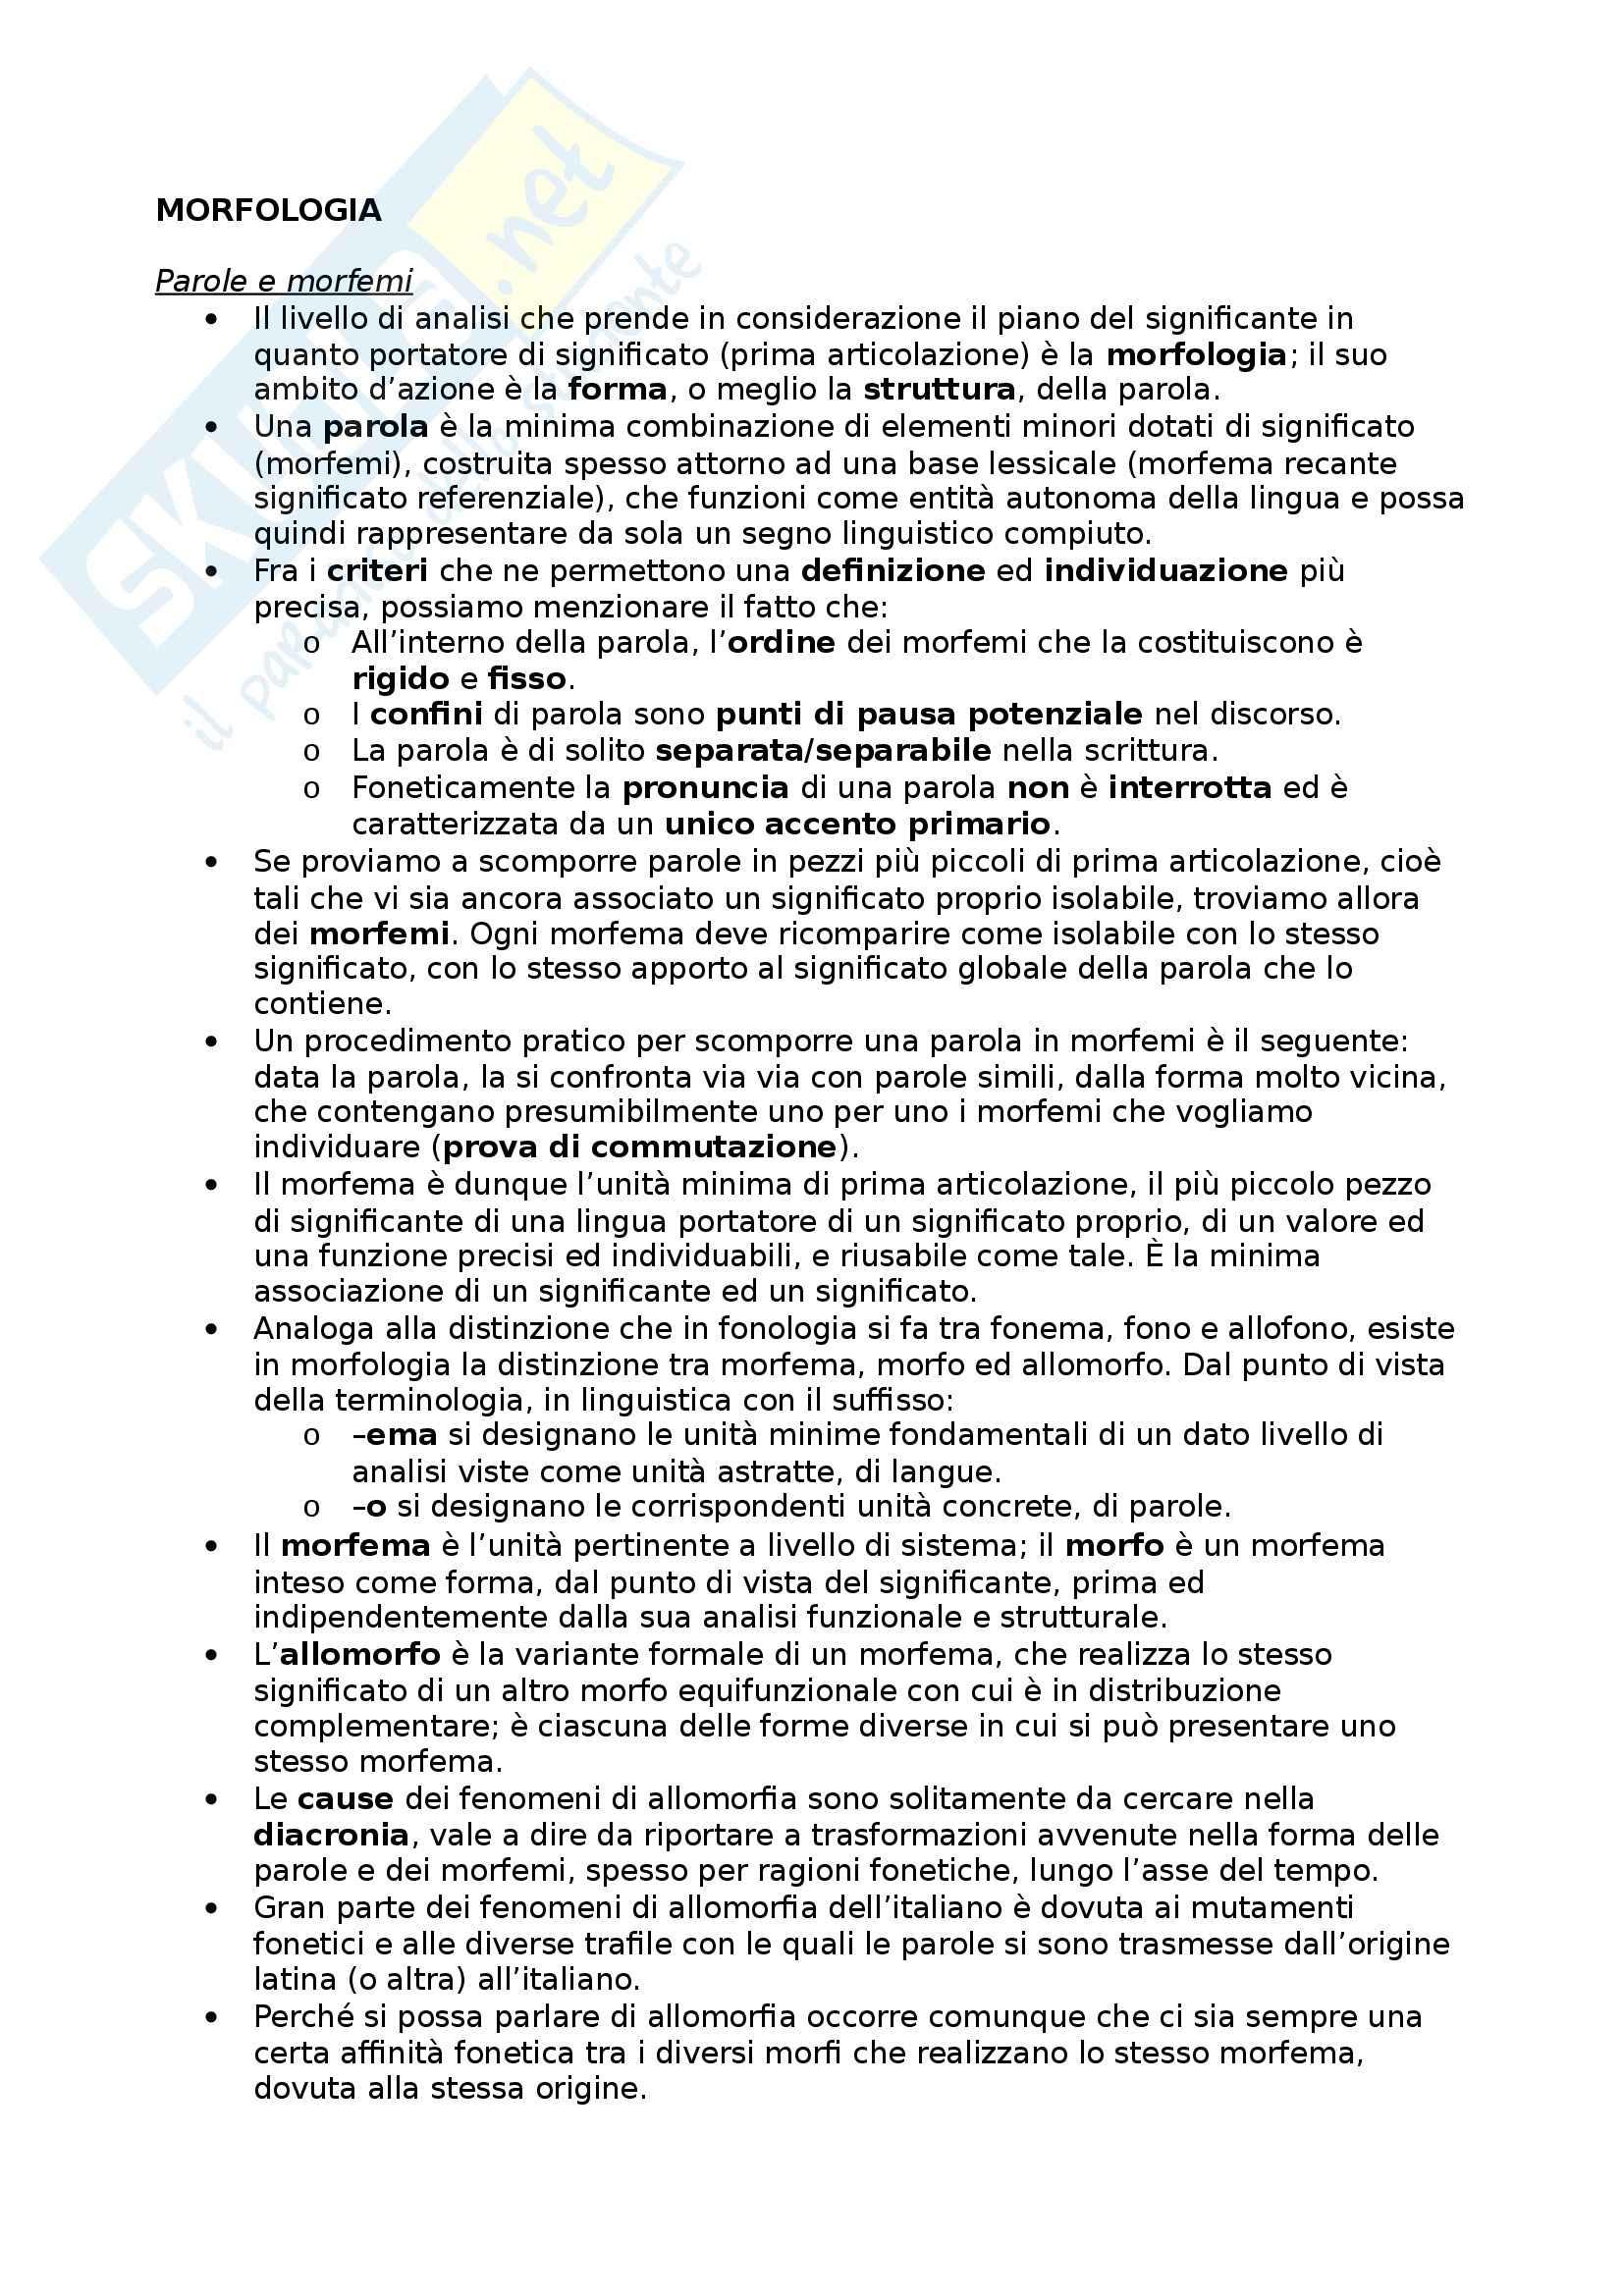 Riassunto esame Glottologia, prof. Bonfadini, libro consigliato La Linguistica: Un Corso Introduttivo, Berruto, Cerruti - cap. 3